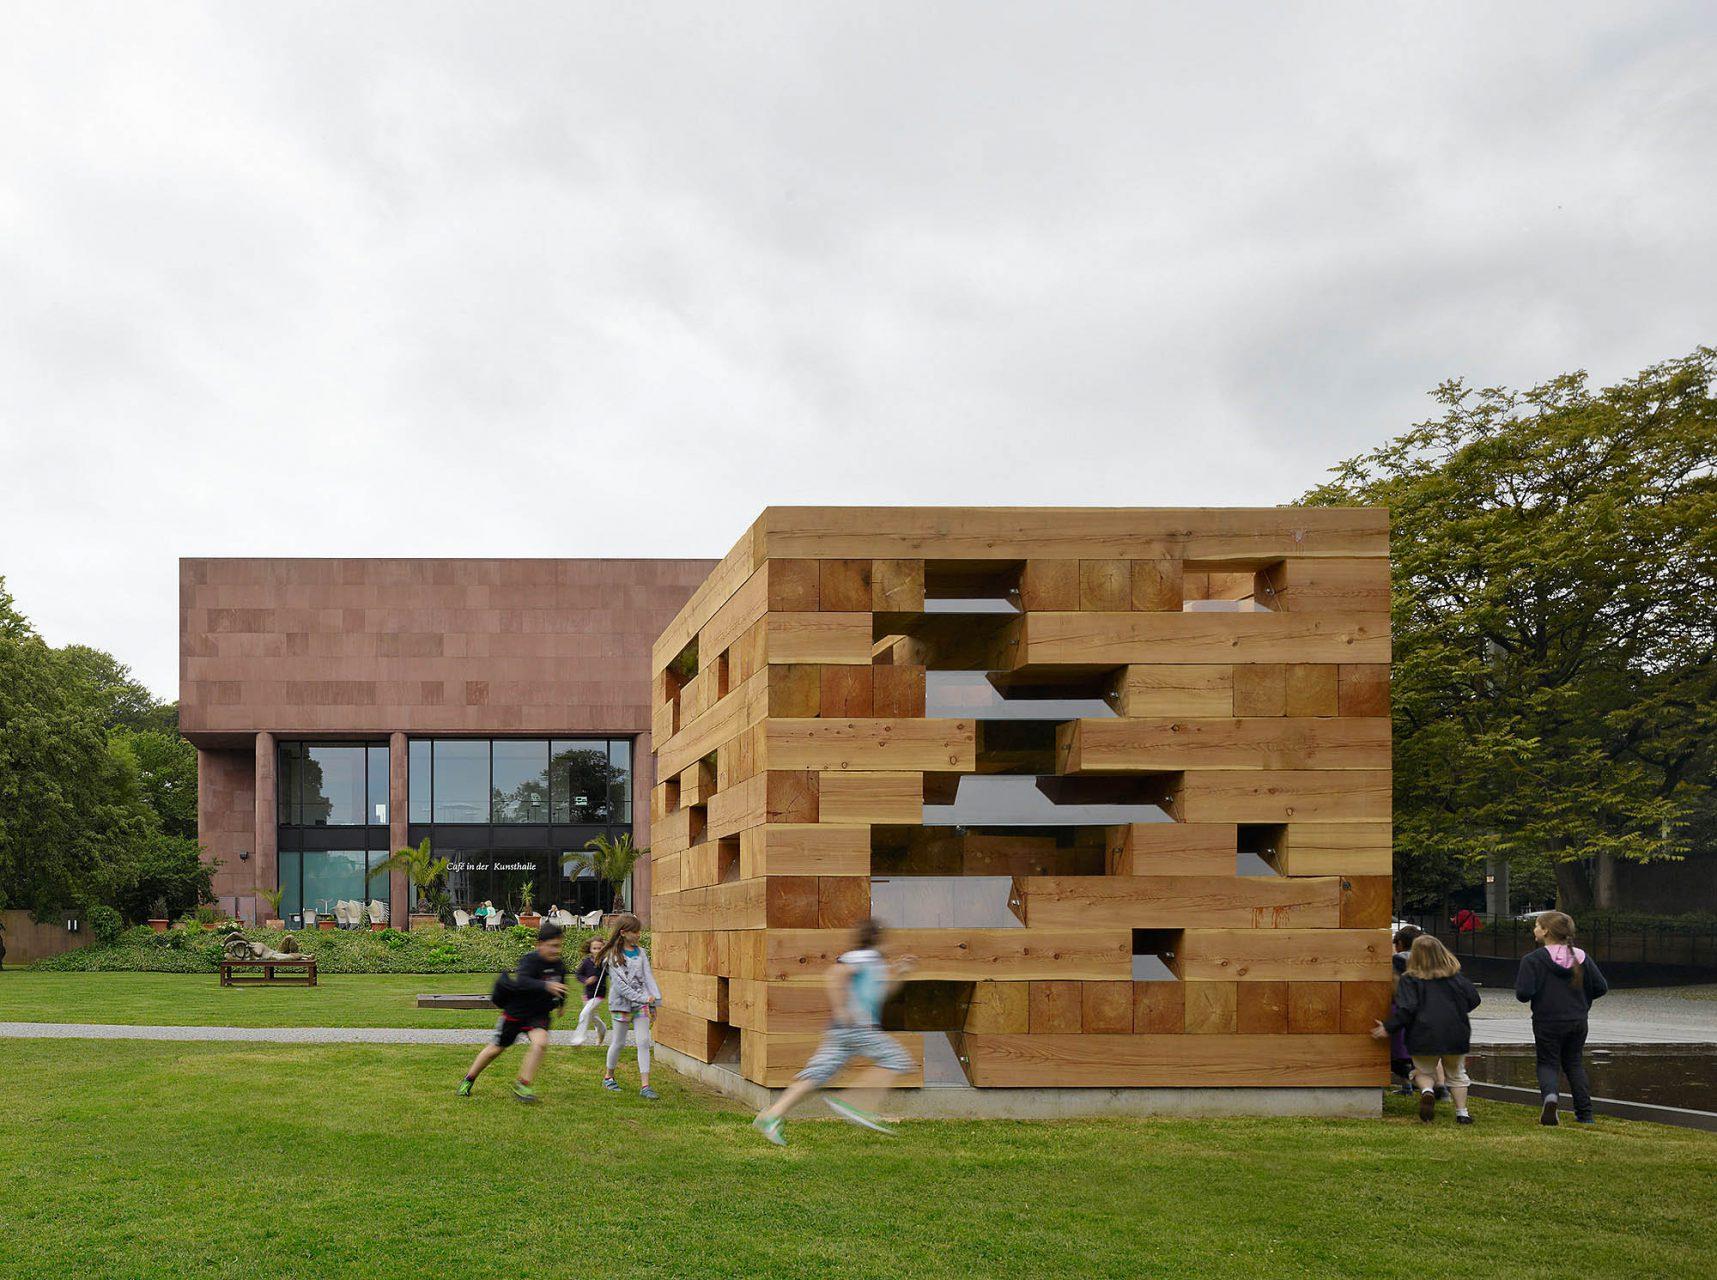 Der Skulpturengarten.  Erst 2008, zum 40. Geburtstag der Kunsthalle, wurde der Skulpturenpark nach den Originalplänen von Philip Johnson gestaltet. Die Außenskulpturen, u. a. von Olafur Eliasson, Sol LeWitt, Henry Moore, Thomas Schütte und Sou Fujimoto, werden nachts angestrahlt.